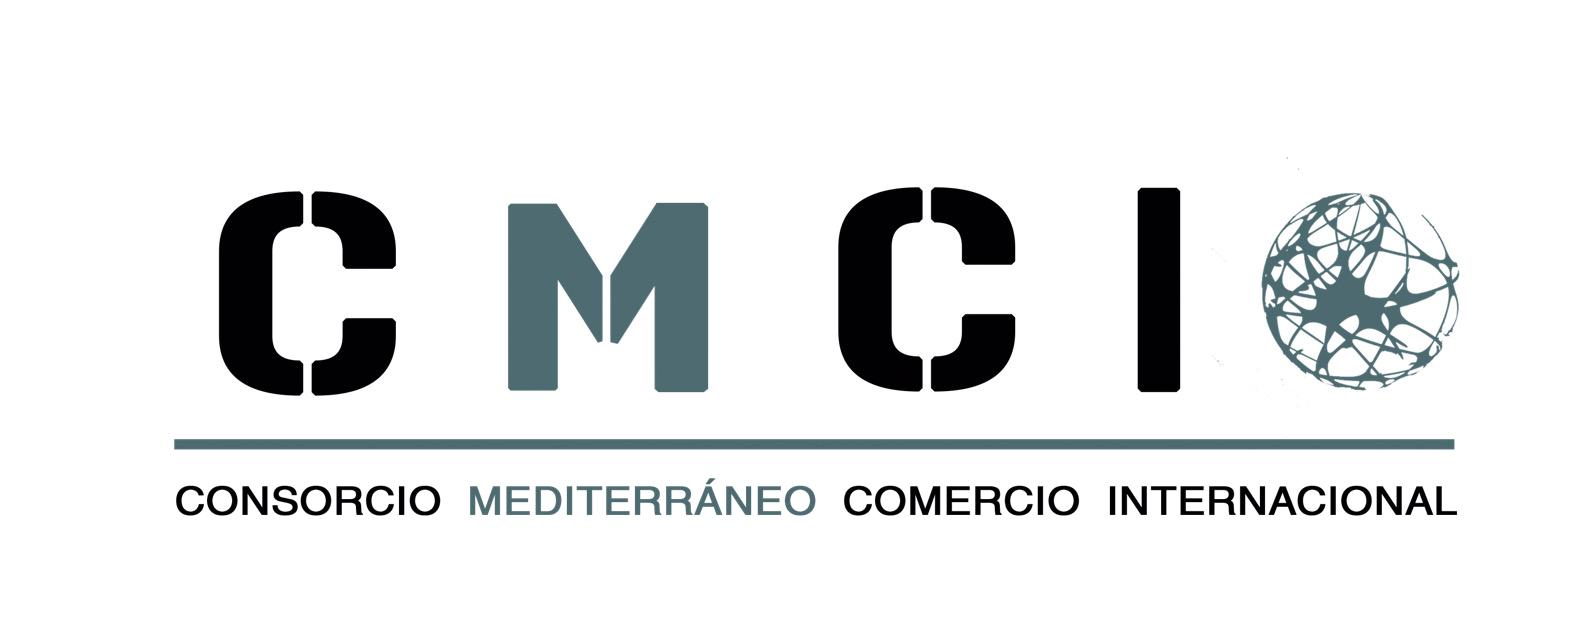 CONSORCIO MEDITERRANEO COMERCIO INERNACIONAL